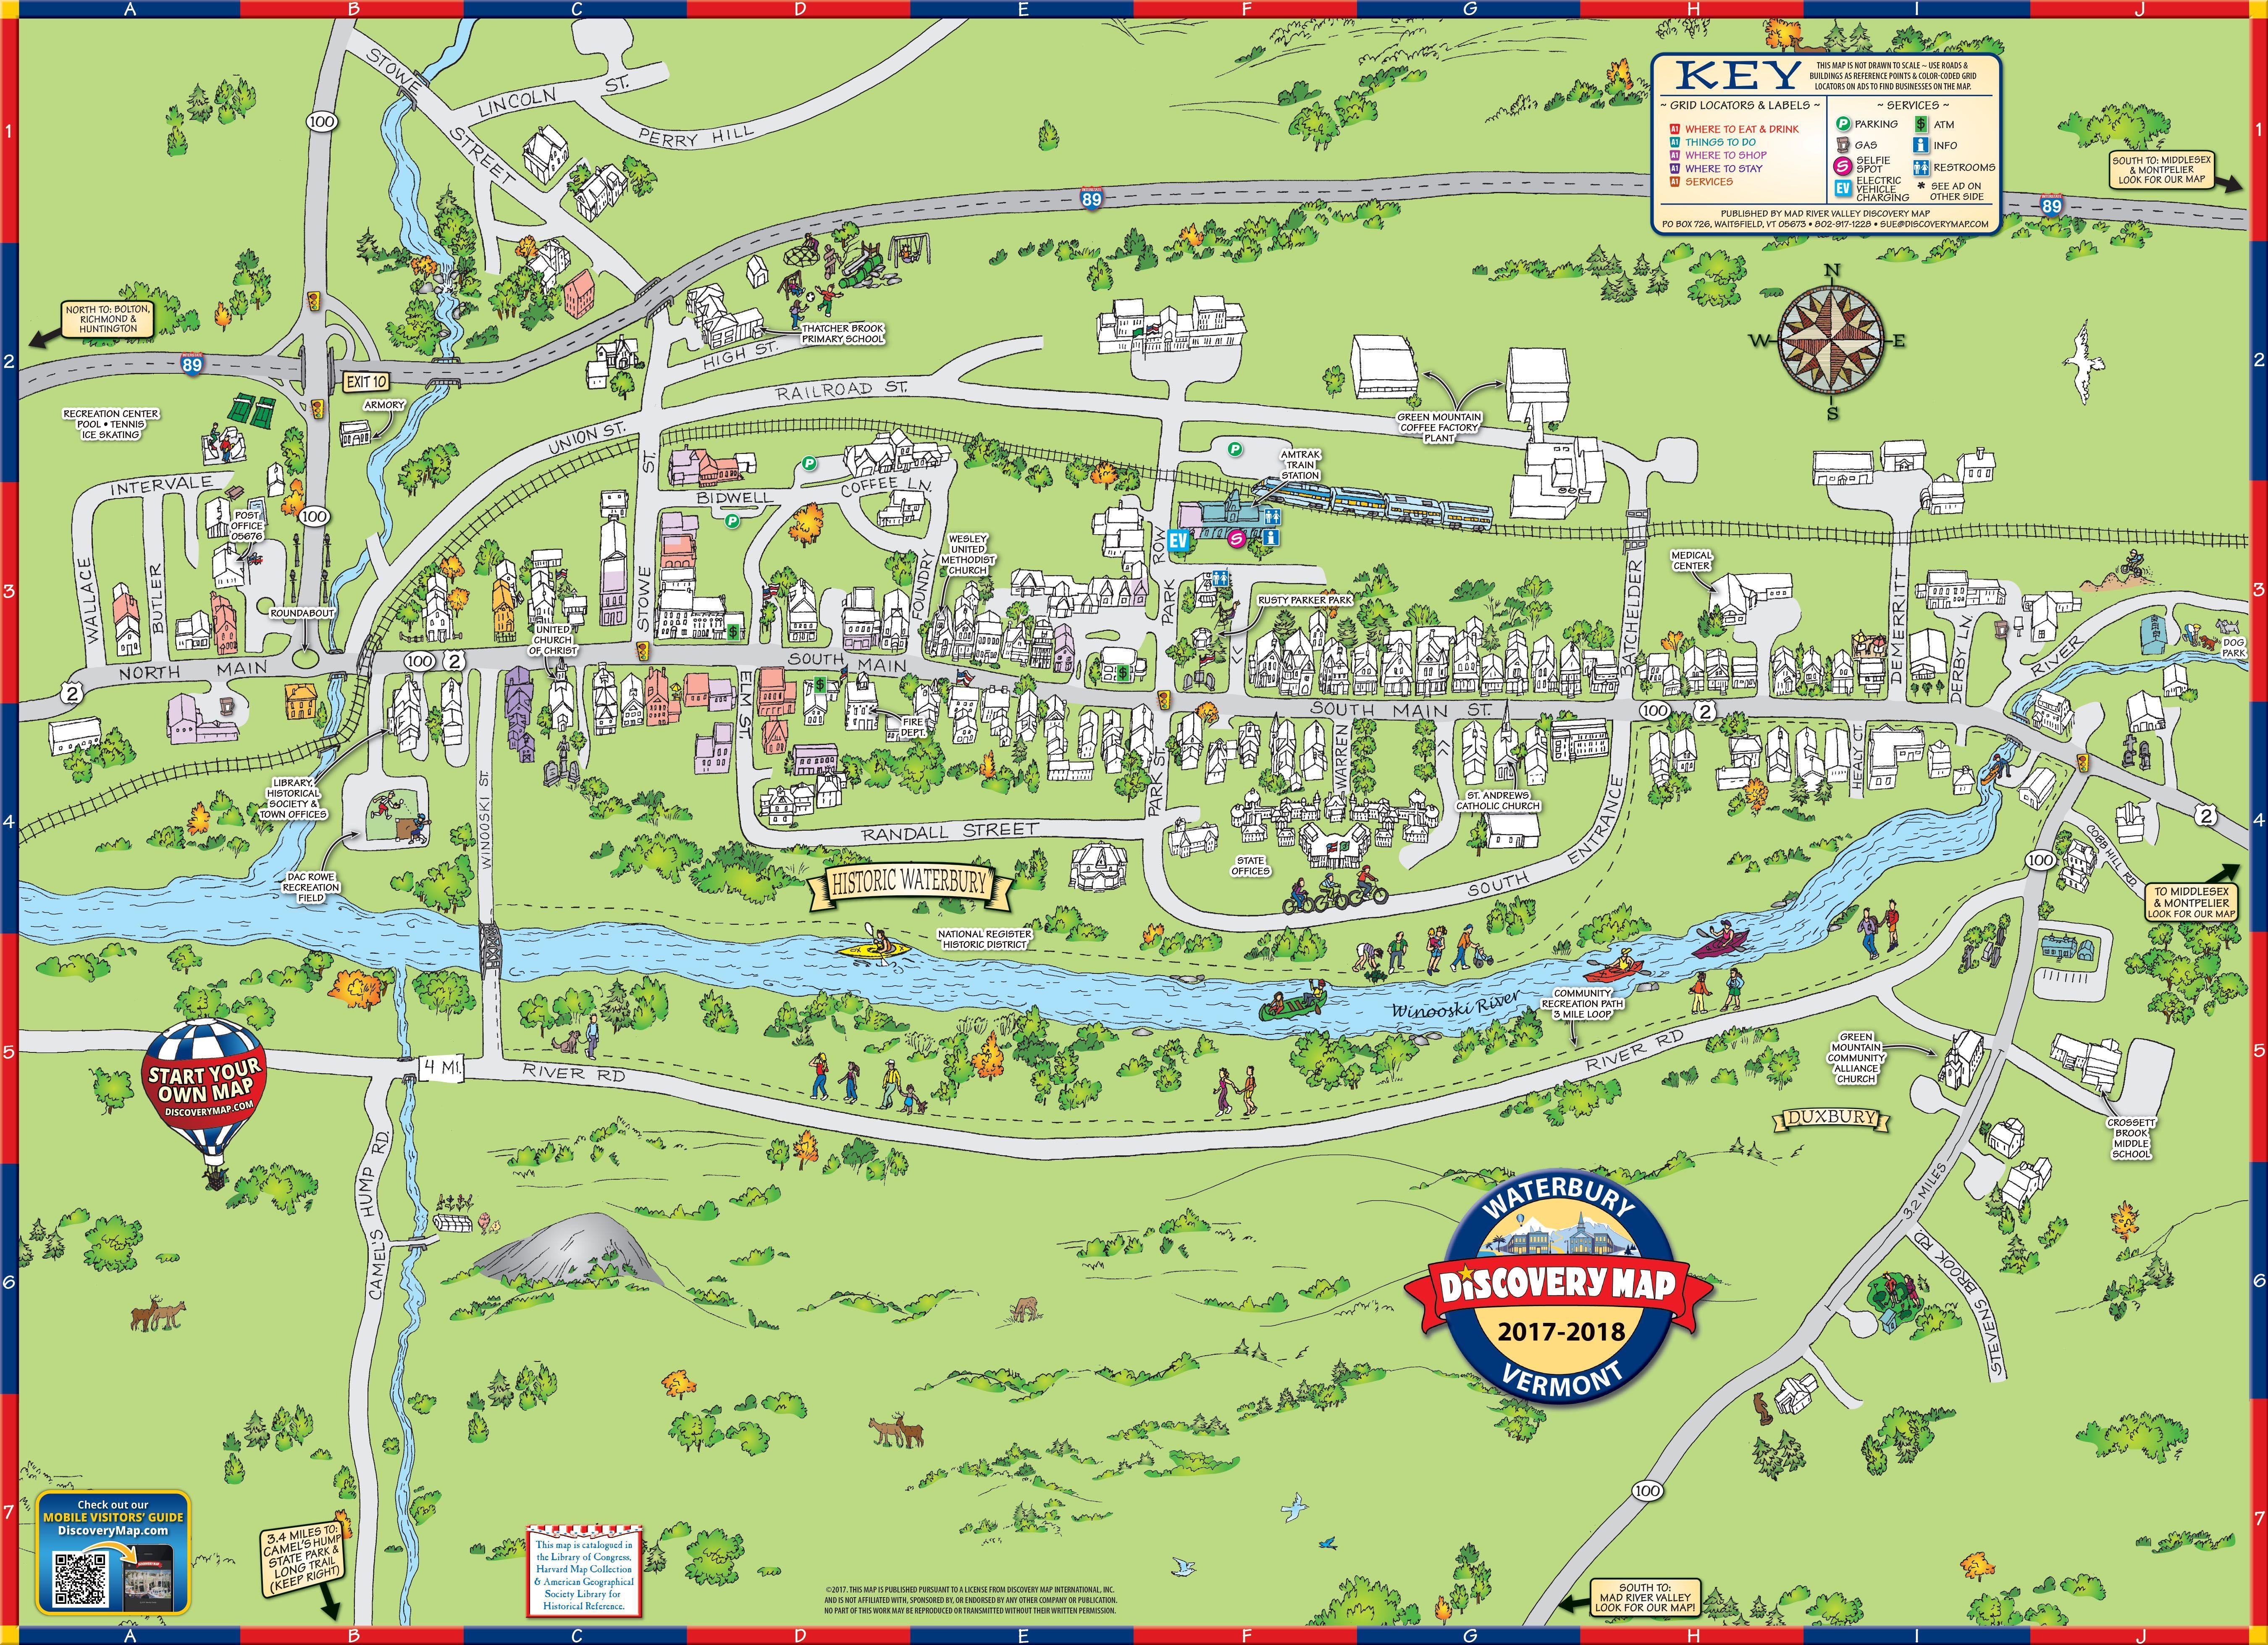 Map Of Waterbury Vermont Waterbury, Vermont | Vermont in 2019 | Waterbury vermont, Vermont, Map